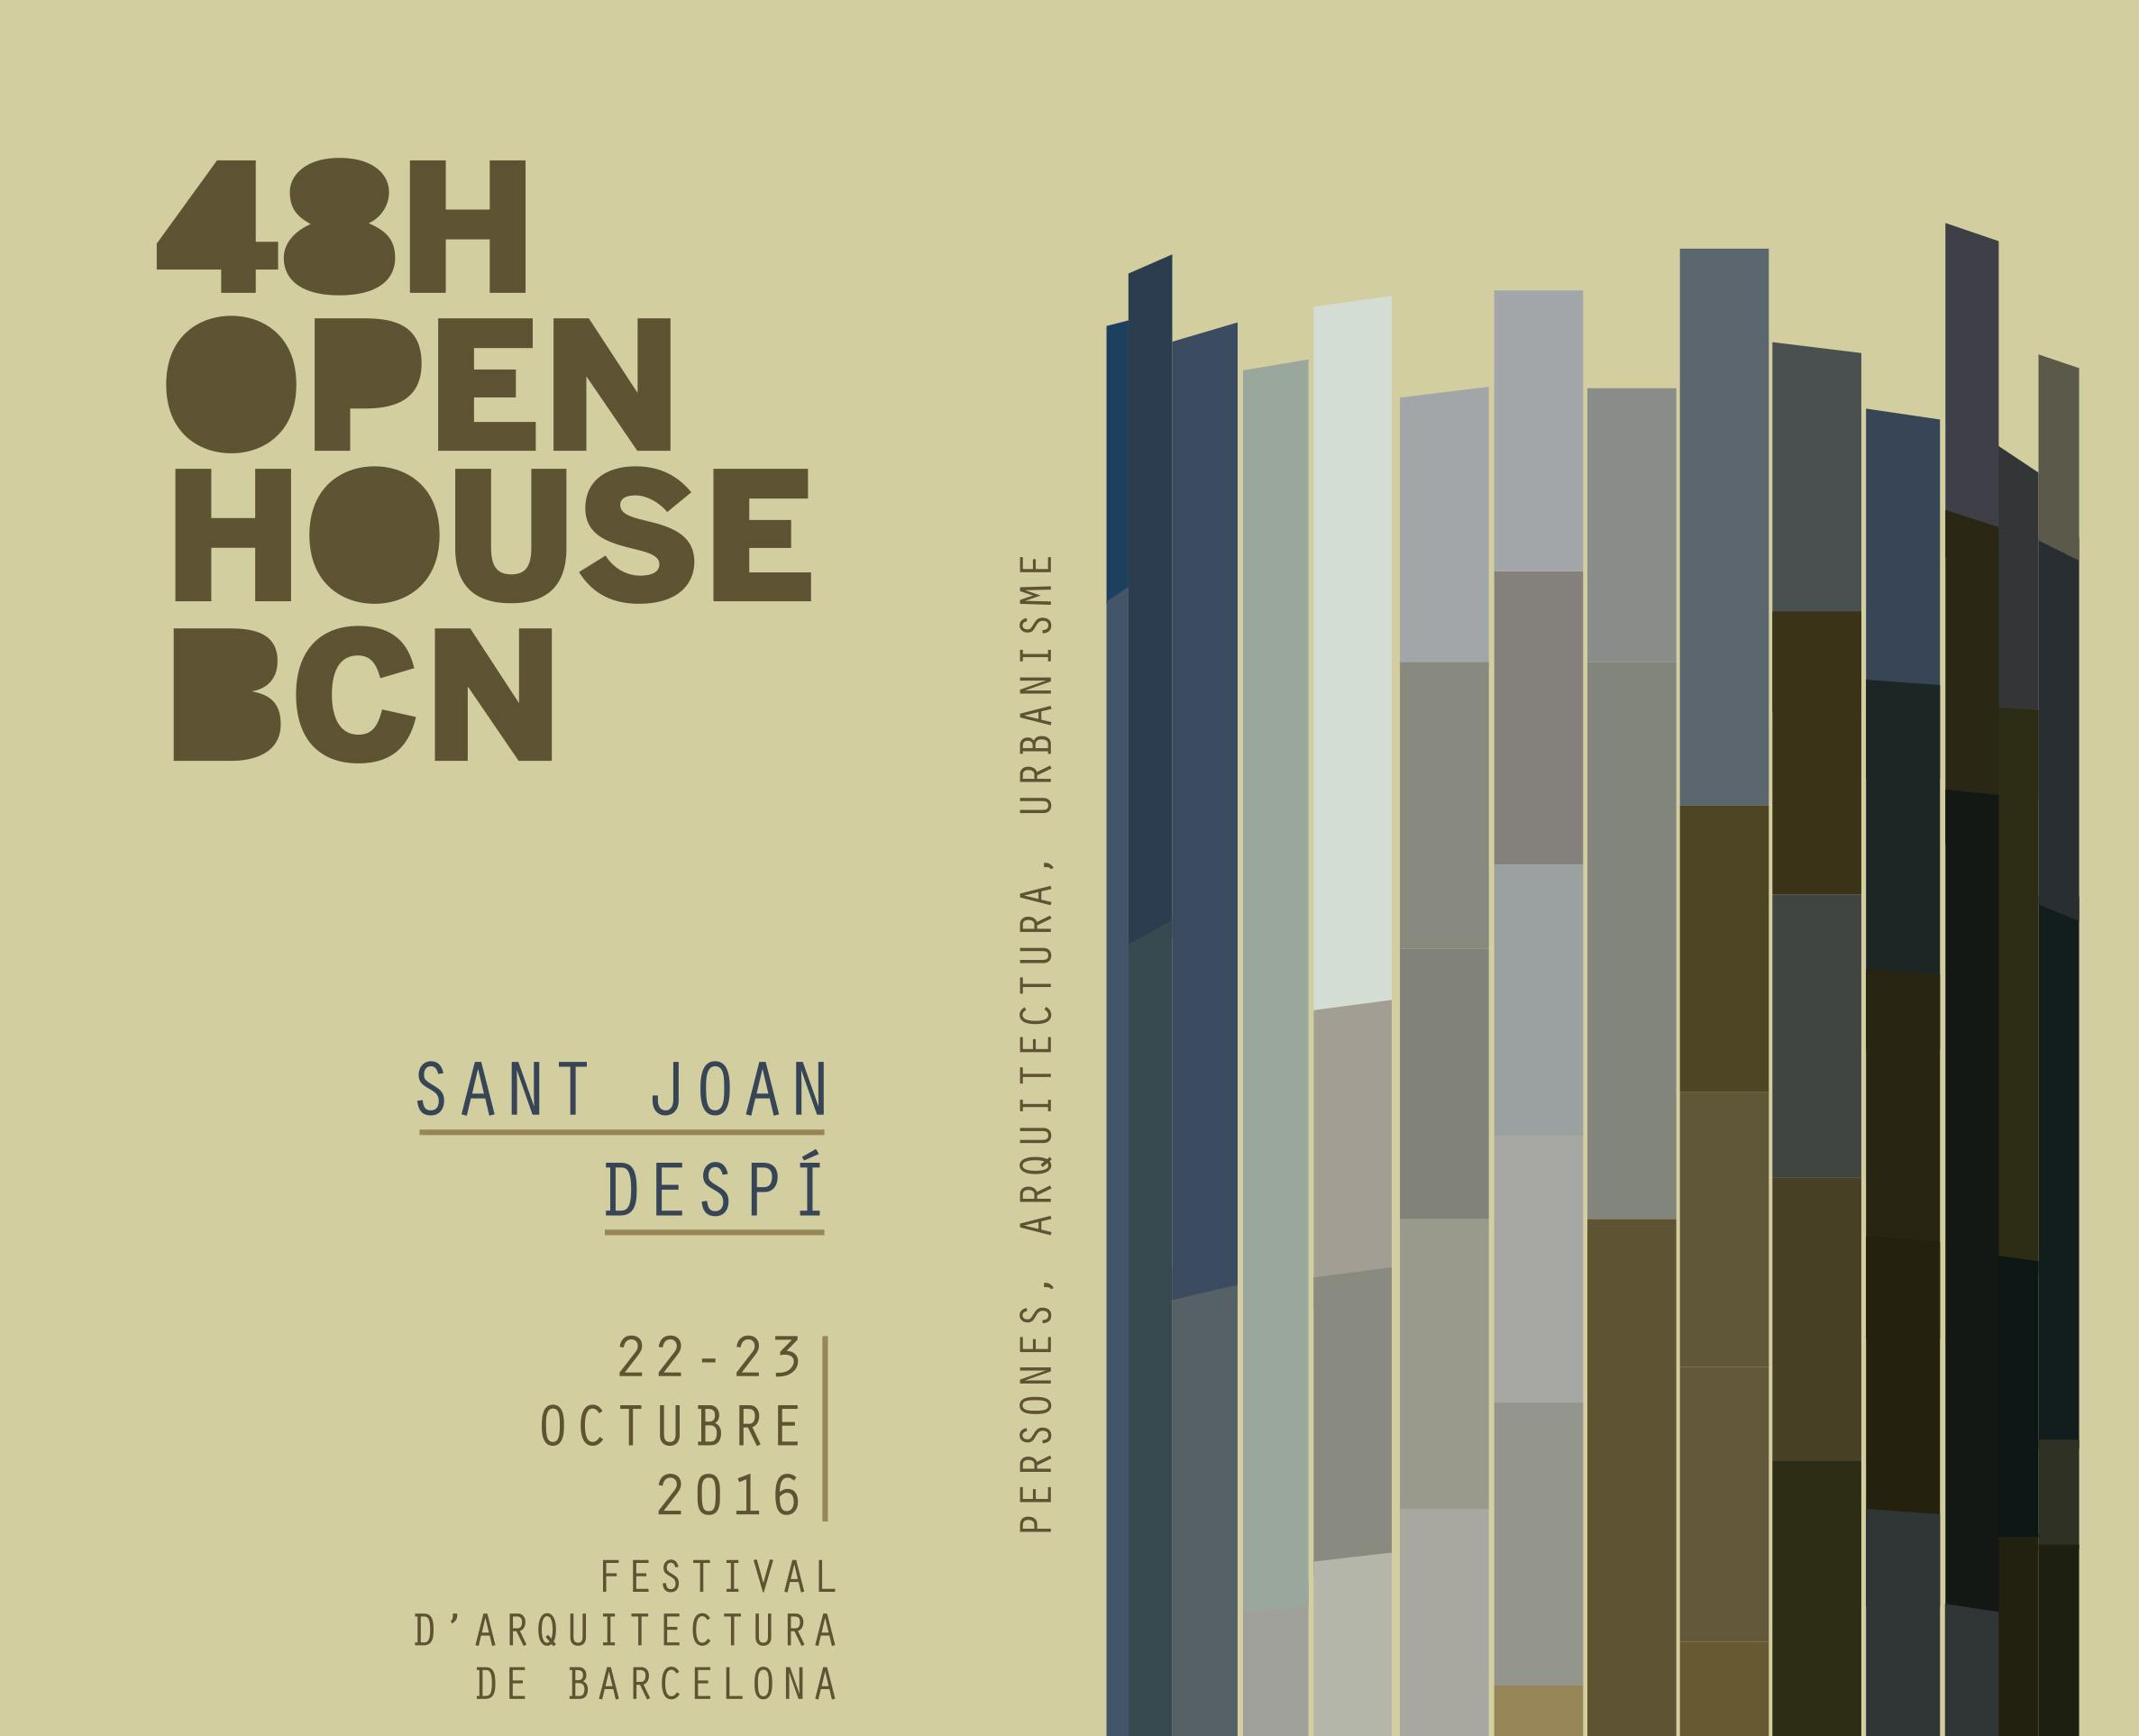 Open house bcn 2016 ajuntament de sant joan desp - Agenda cultura barcelona ...